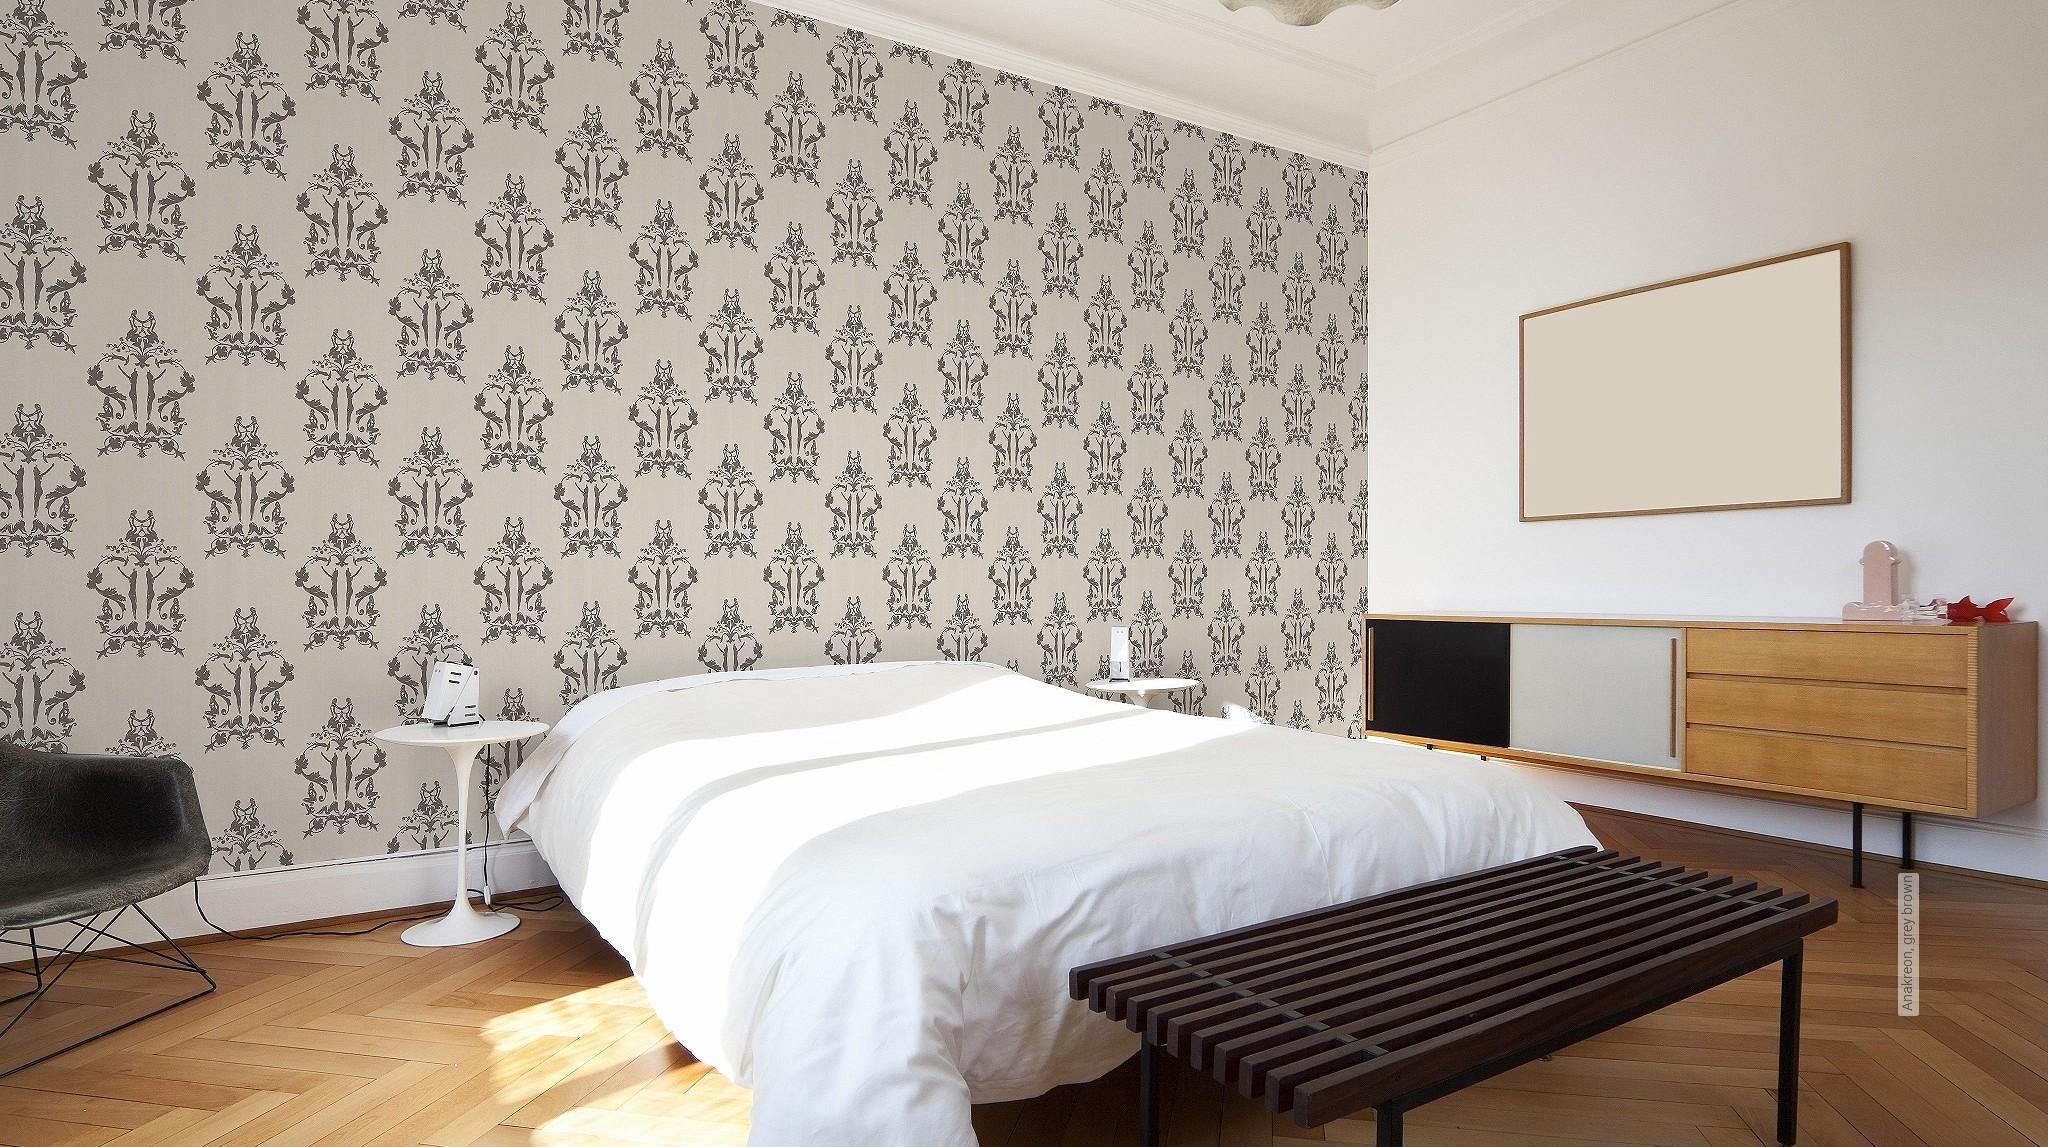 Bild-Tapeten-Tapeten-Wohnwelt-Schlafzimmer-Nummer-1619432052 Fabelhafte Farben Fürs Schlafzimmer Ideen Dekorationen